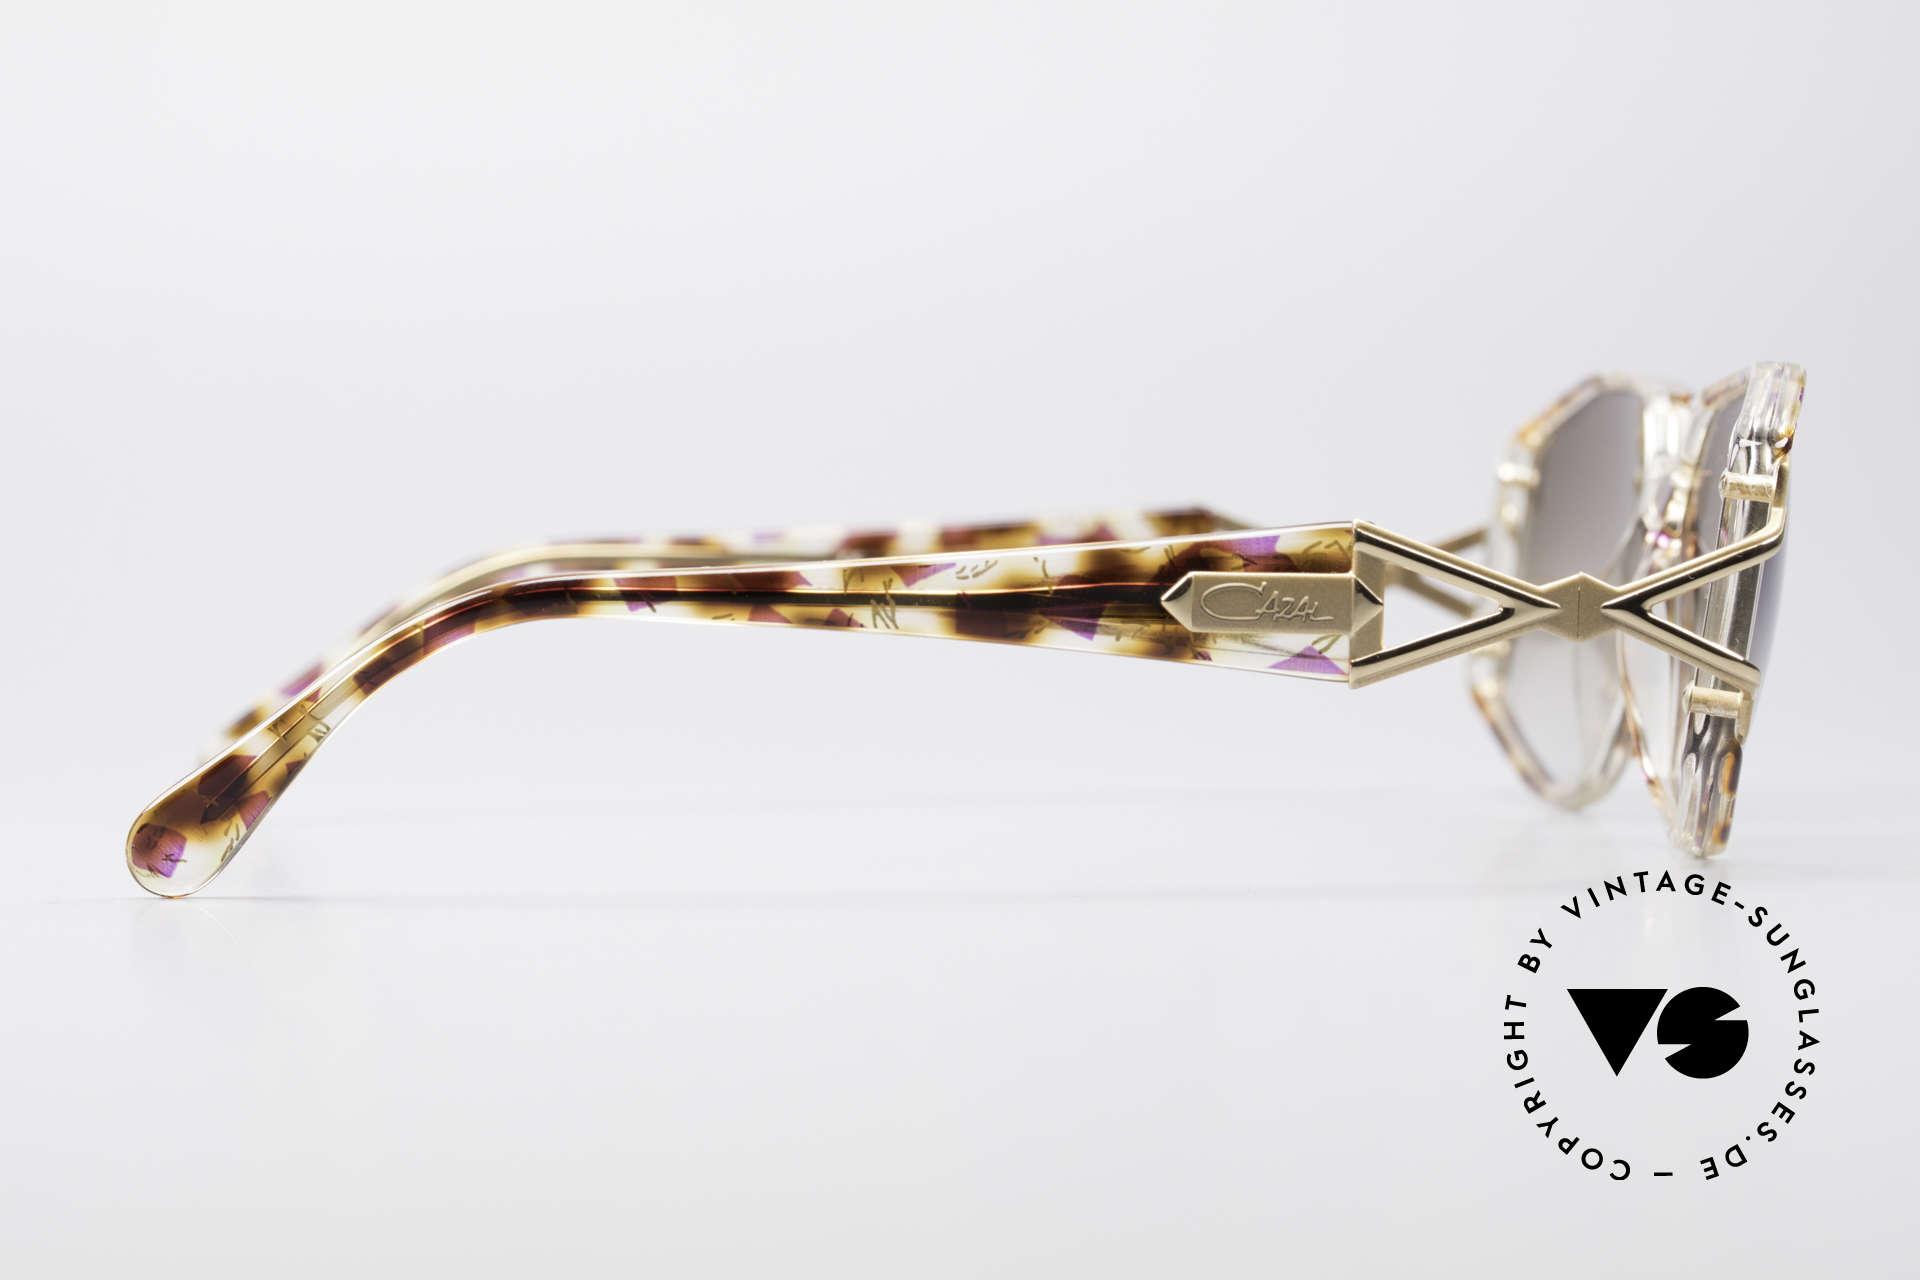 Cazal 368 Designerbrille Hip Hop Style, KEINE Retrobrille, sondern ein echtes altes Original, Passend für Damen